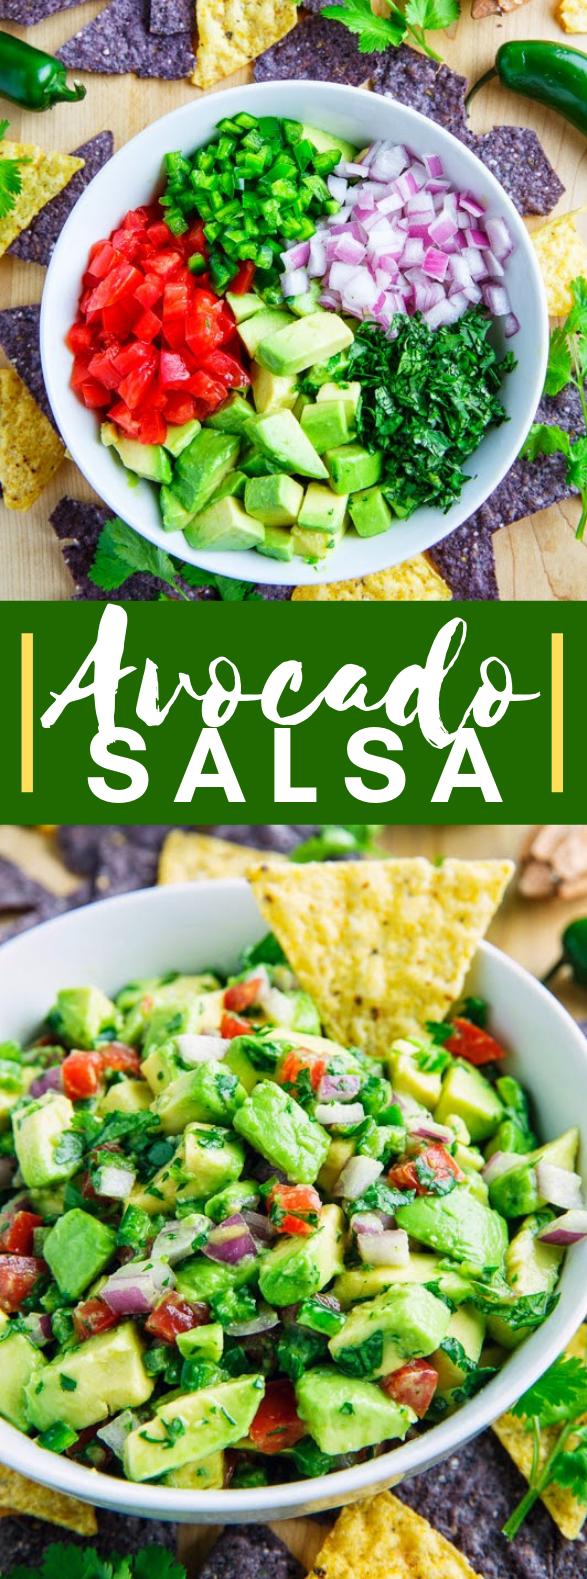 Avocado Salsa #vegetarian #appetizers